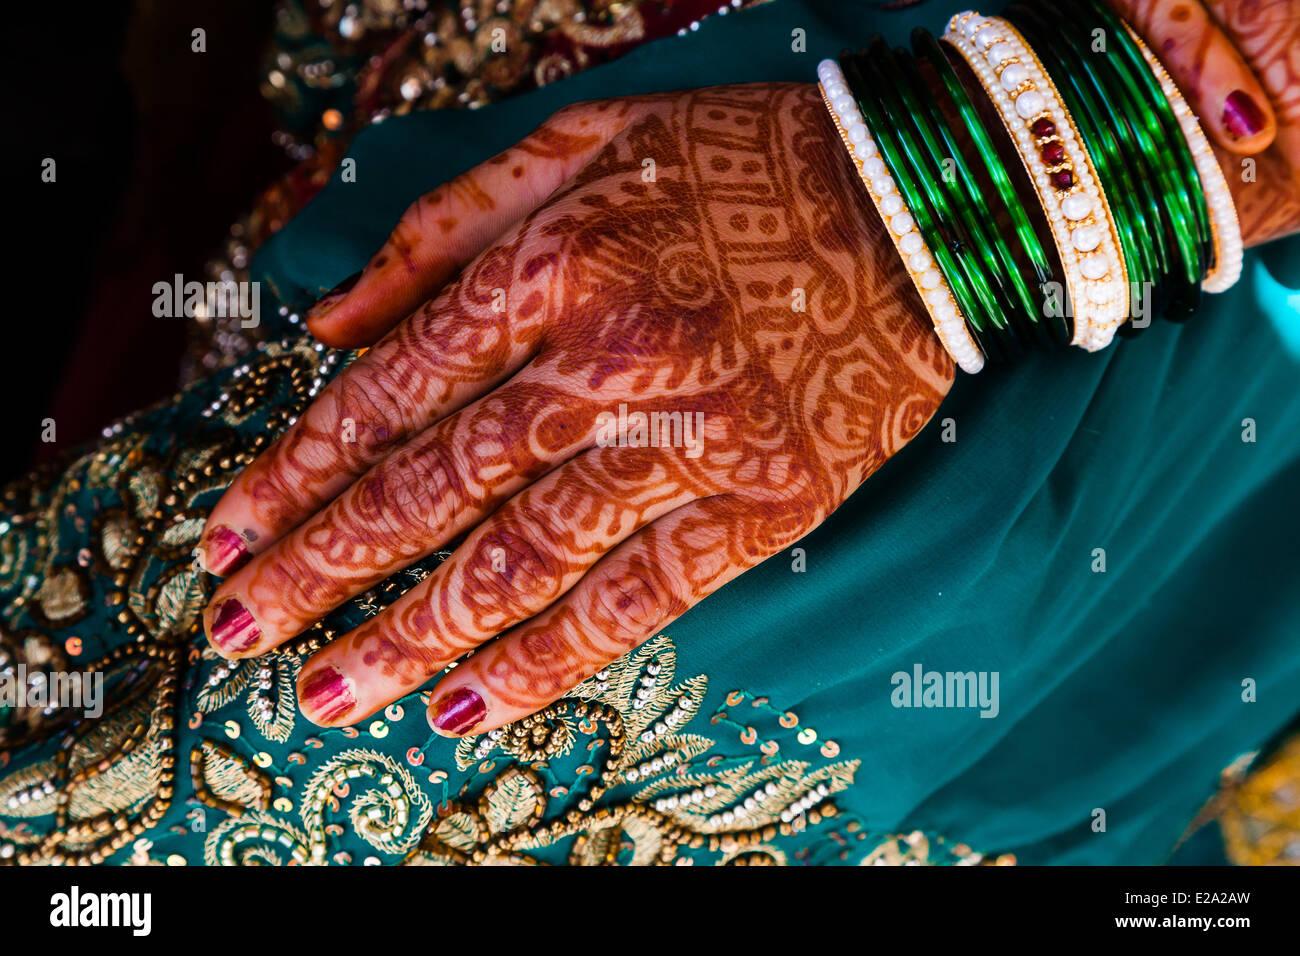 India, nello stato del Maharashtra, Trimbak, sposa mano con Henna Tattoos. Immagini Stock